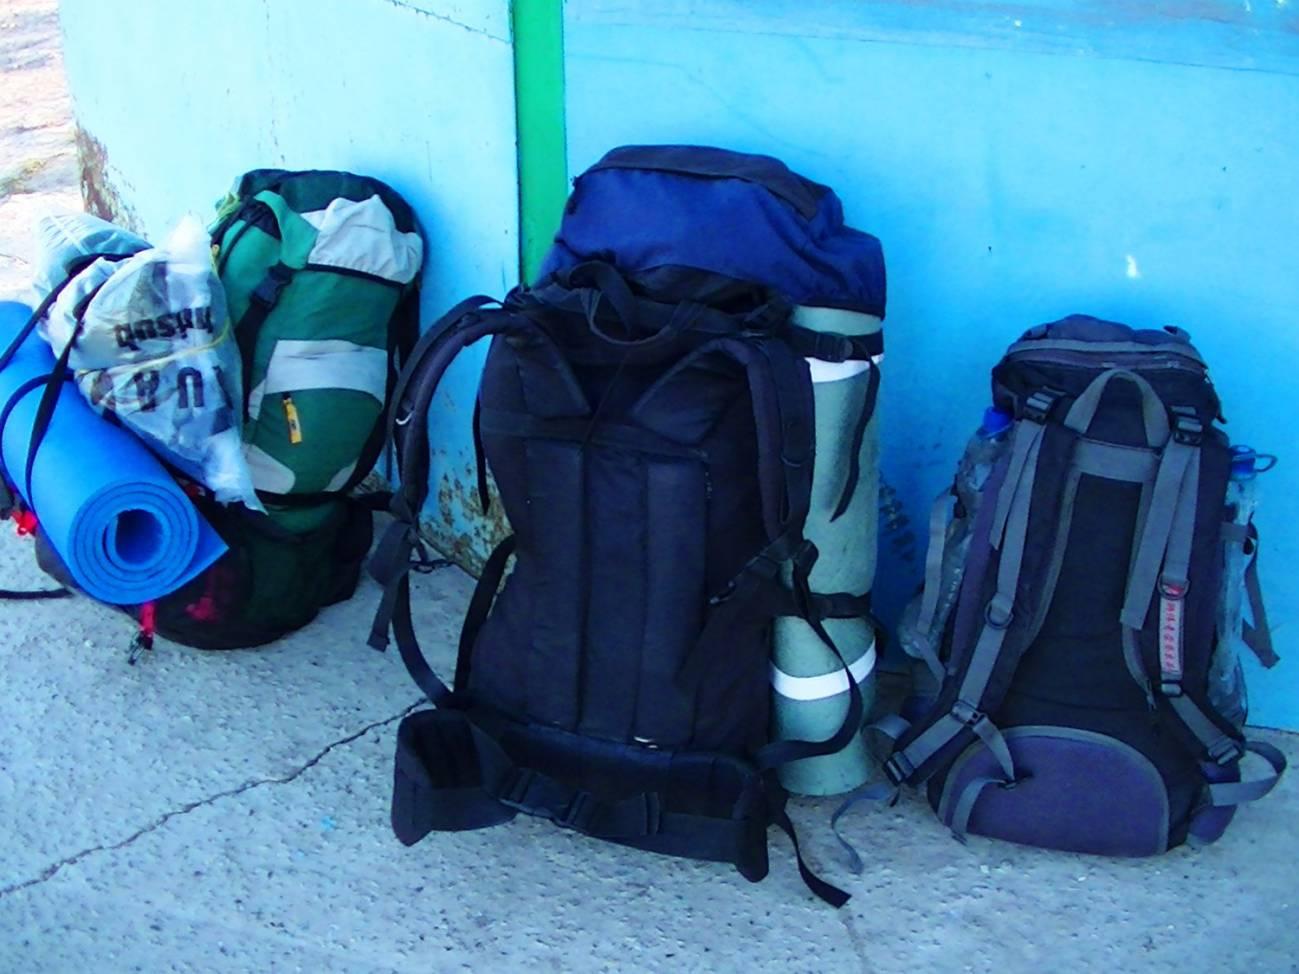 Туристические рюкзаки готовы к путешествию